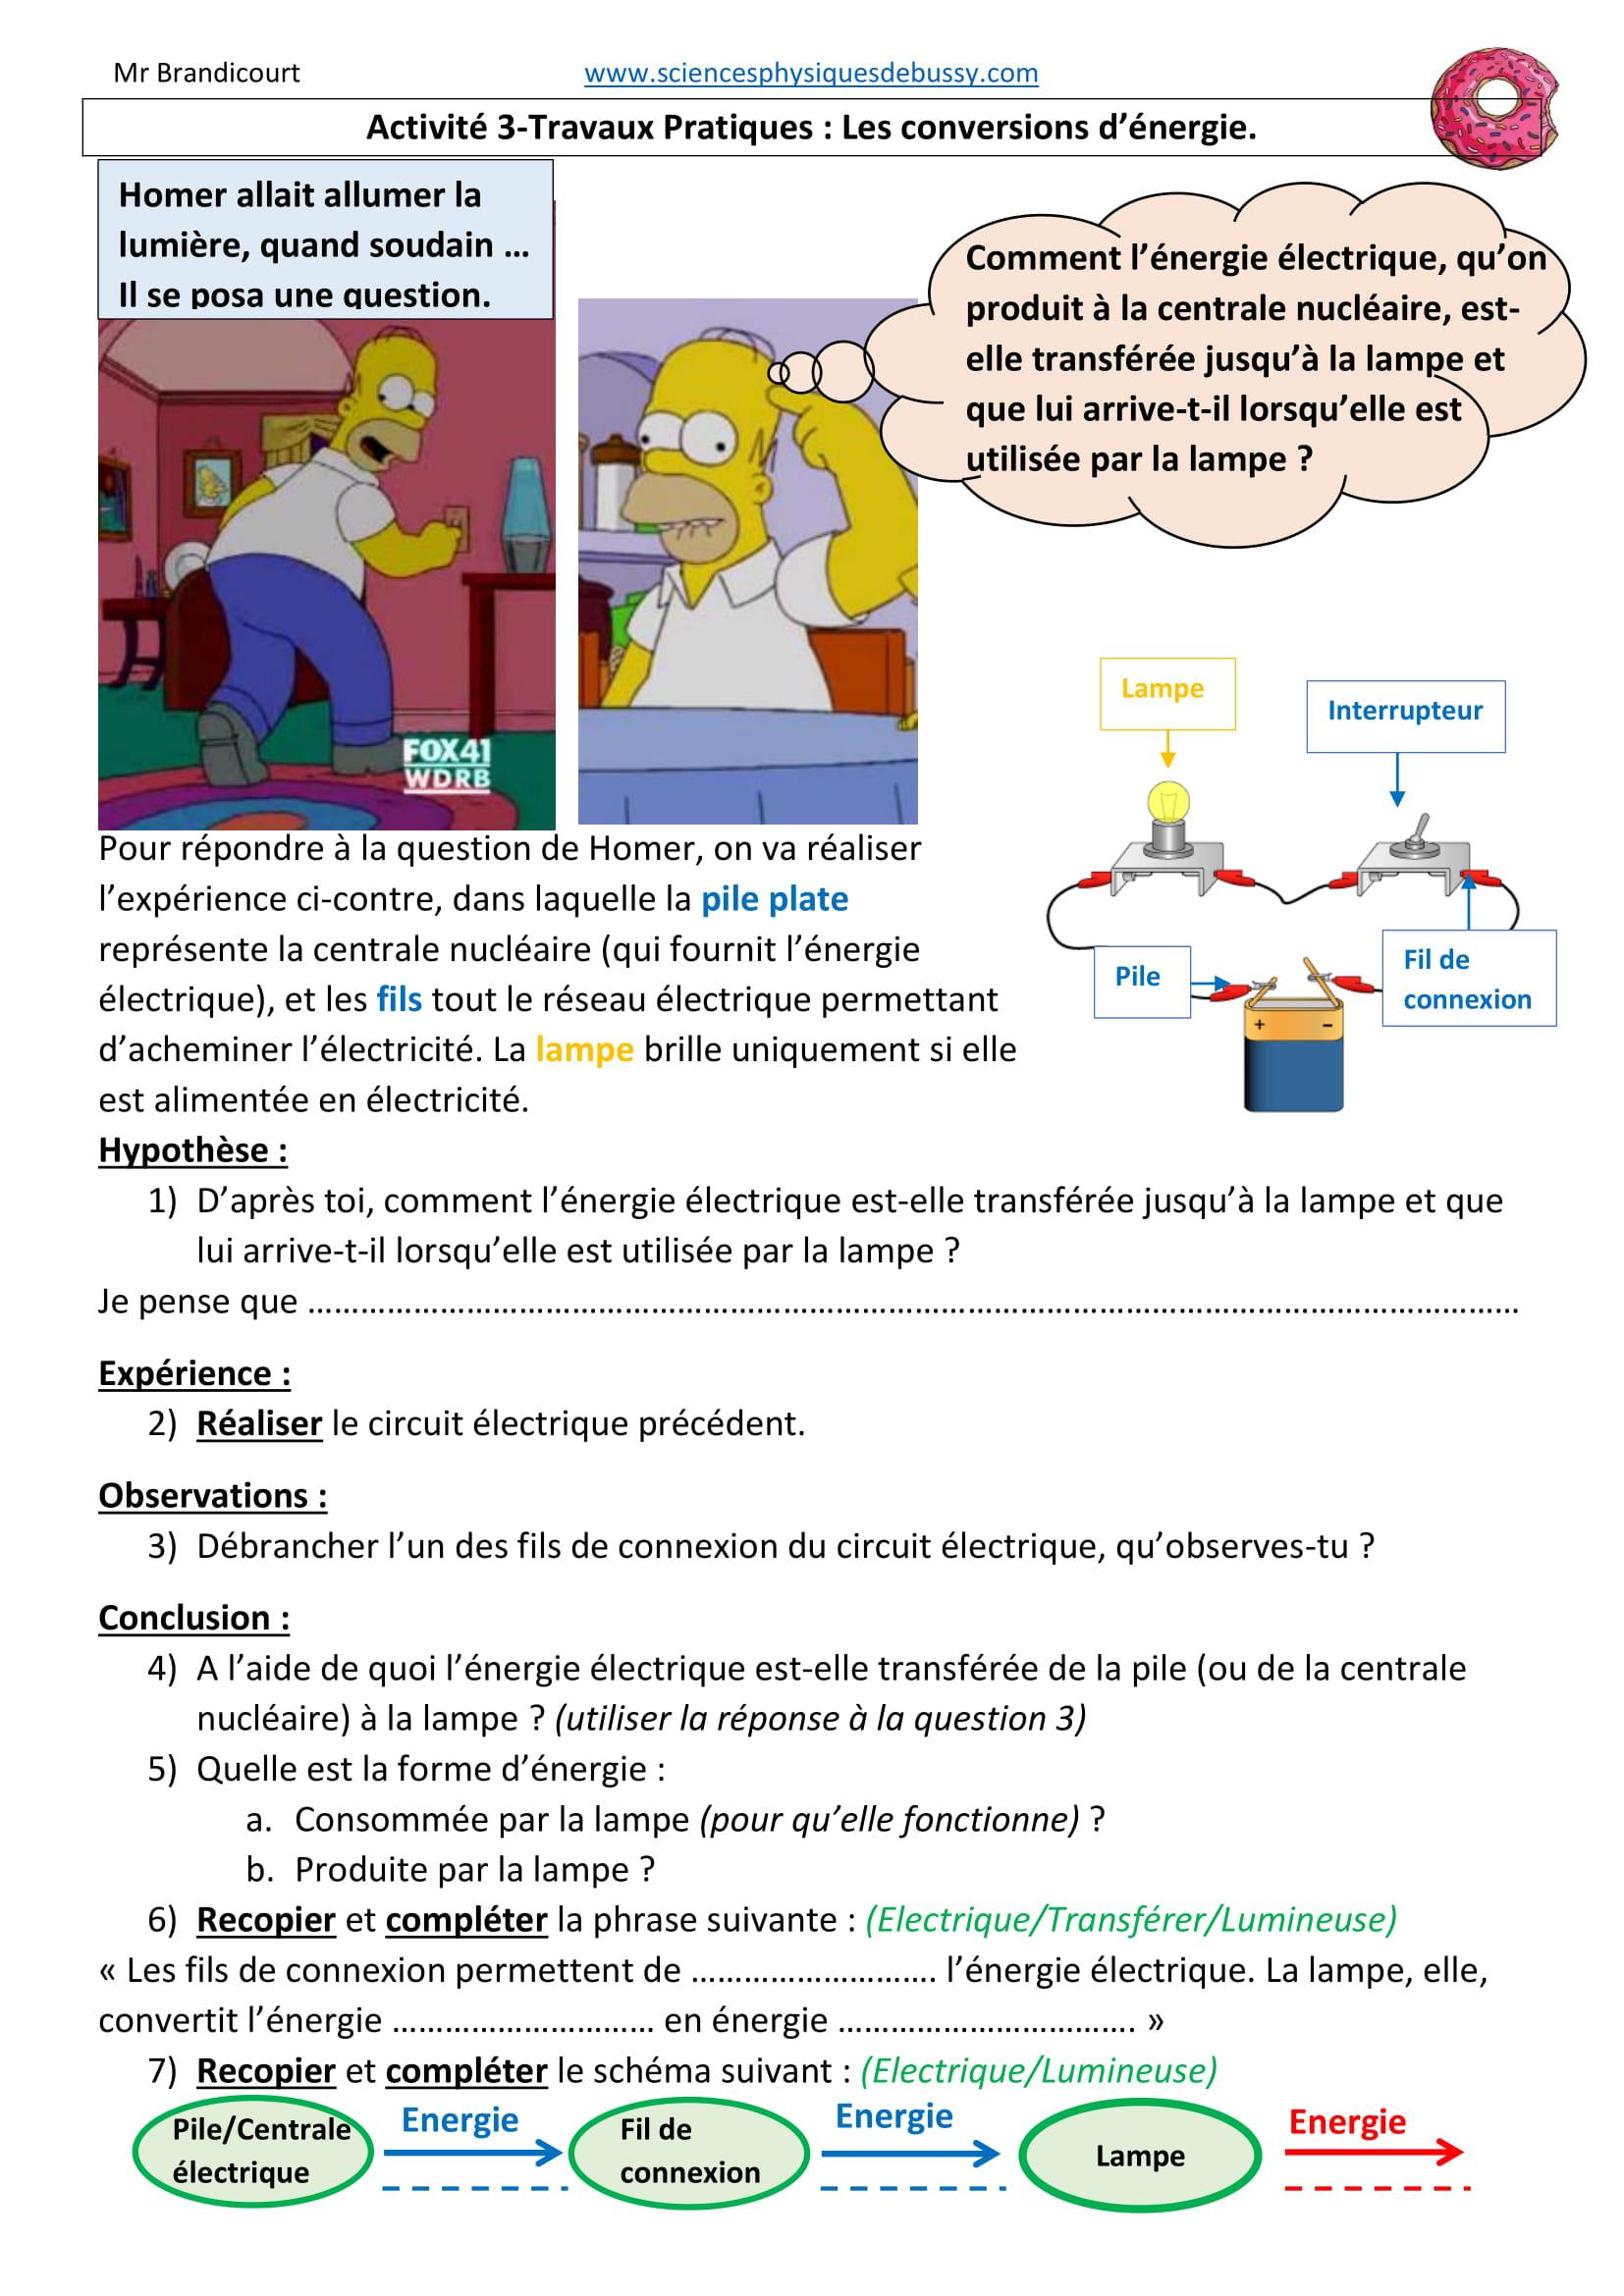 A3-Les conversions d'énergies-1